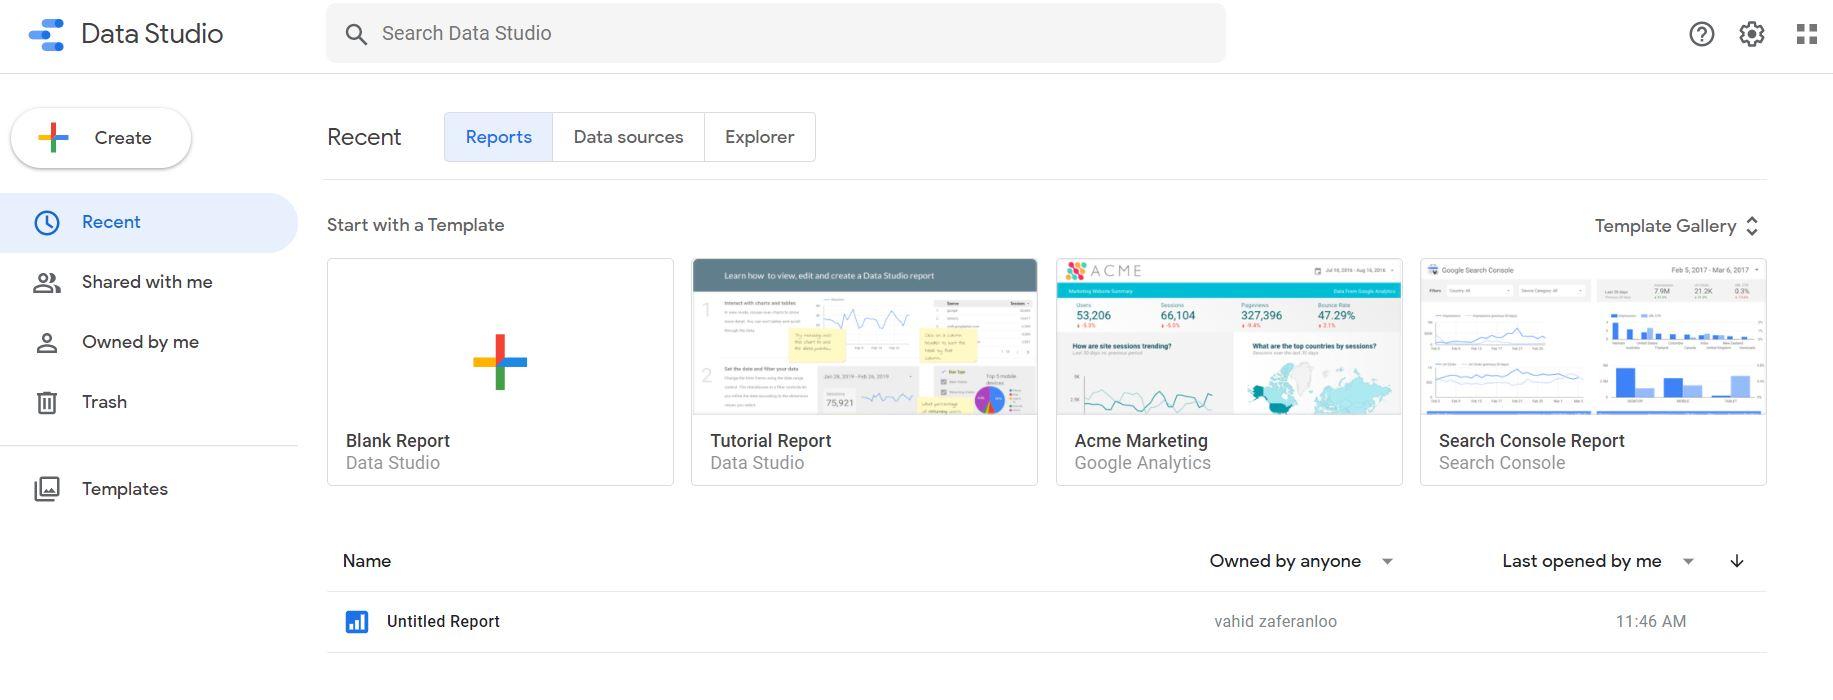 ثبت نام در گوگل دیتا استدیو